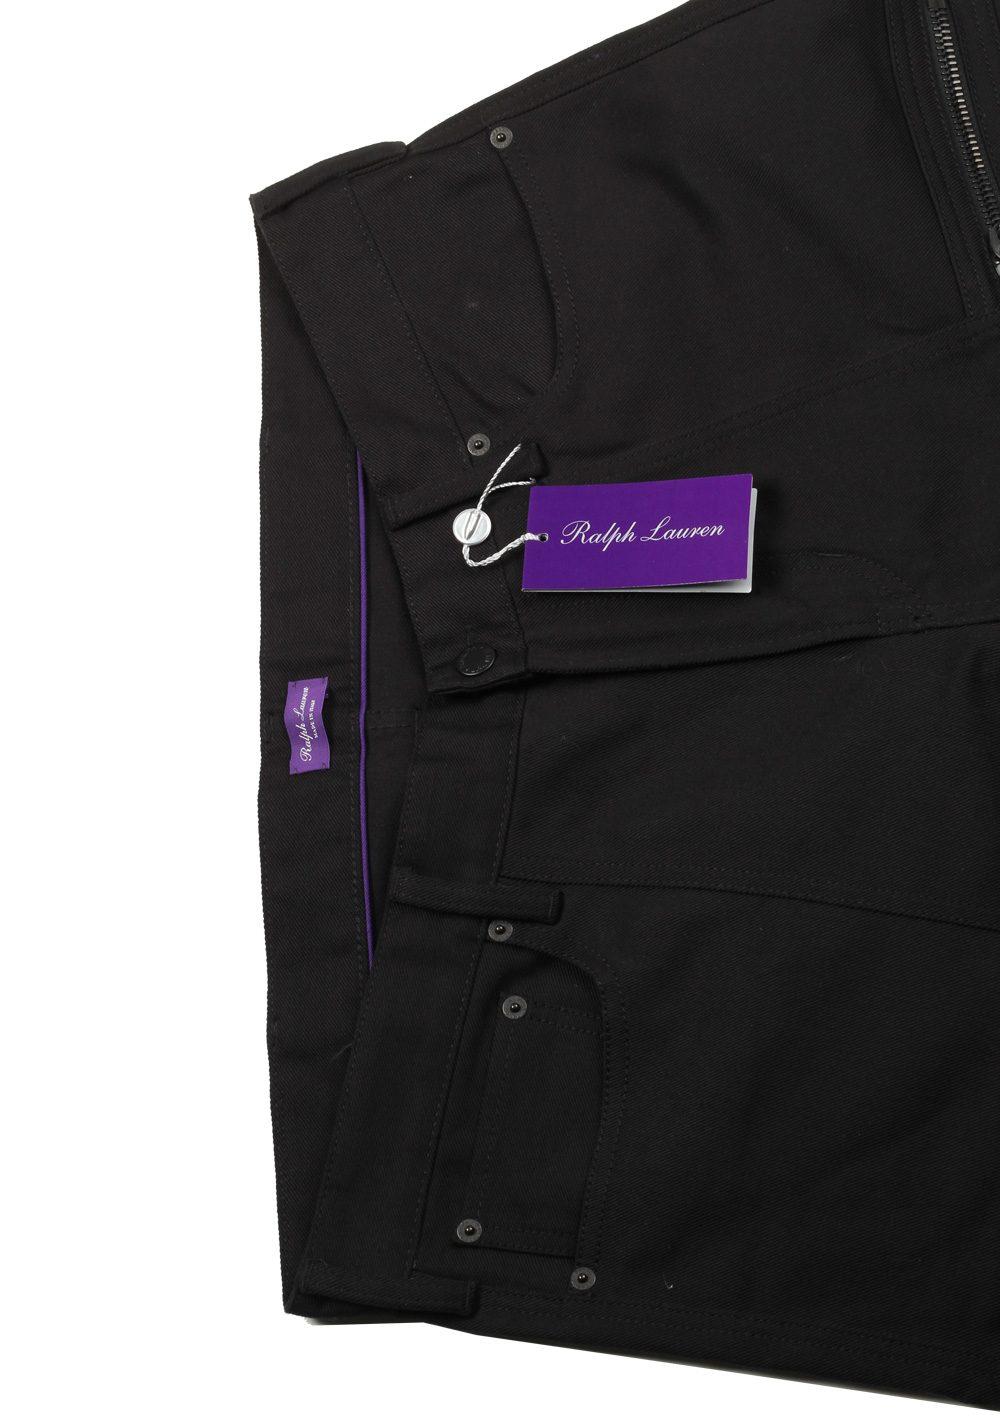 Ralph Lauren Purple Label Black Cargo Moto Jeans Size 50 / 34 U.S. | Costume Limité